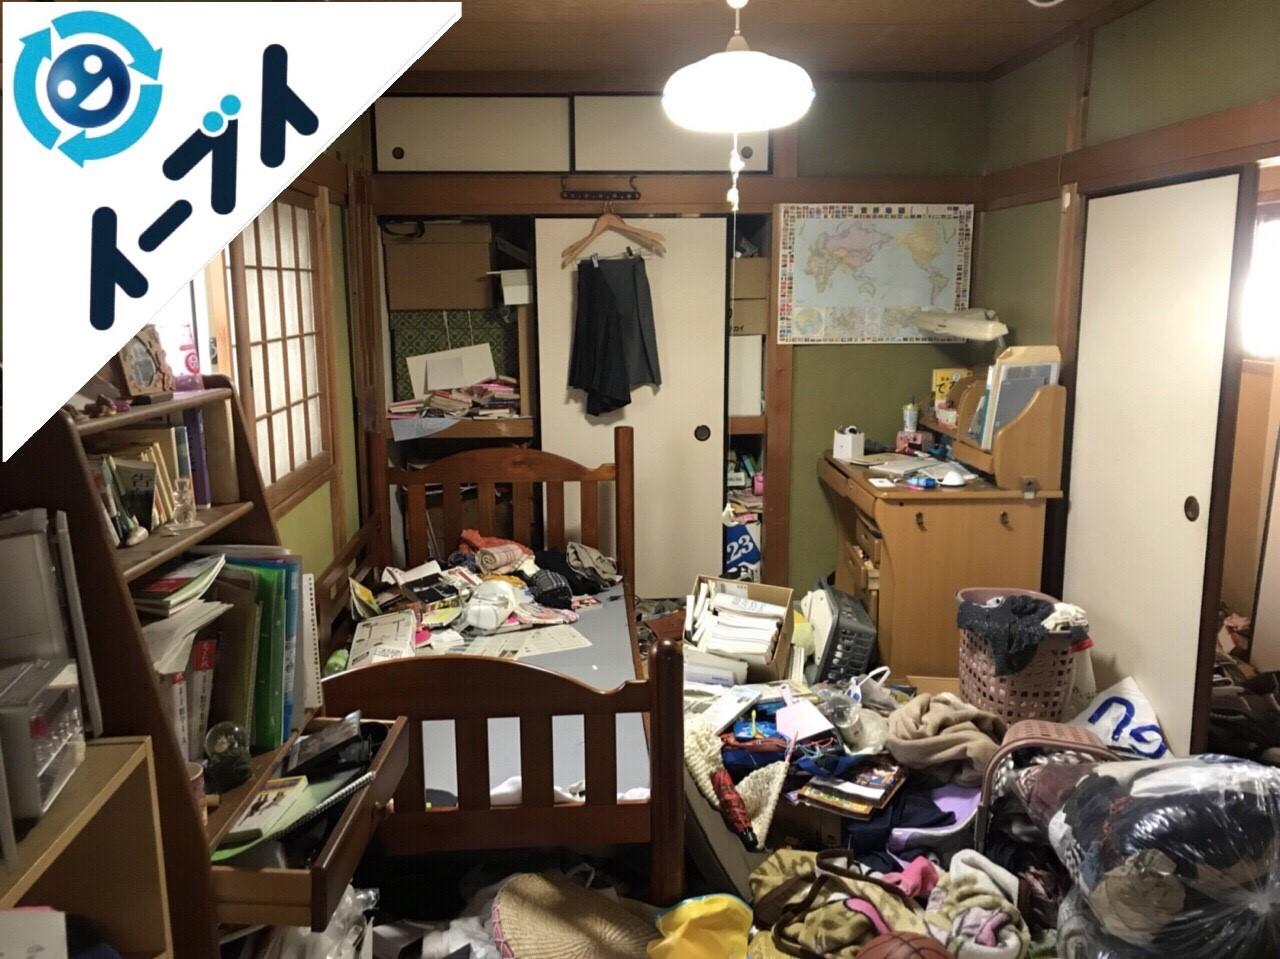 2018年2月1日大阪府堺市堺区で玩具や衣類の日用品が散乱したゴミ屋敷の片付け。写真6